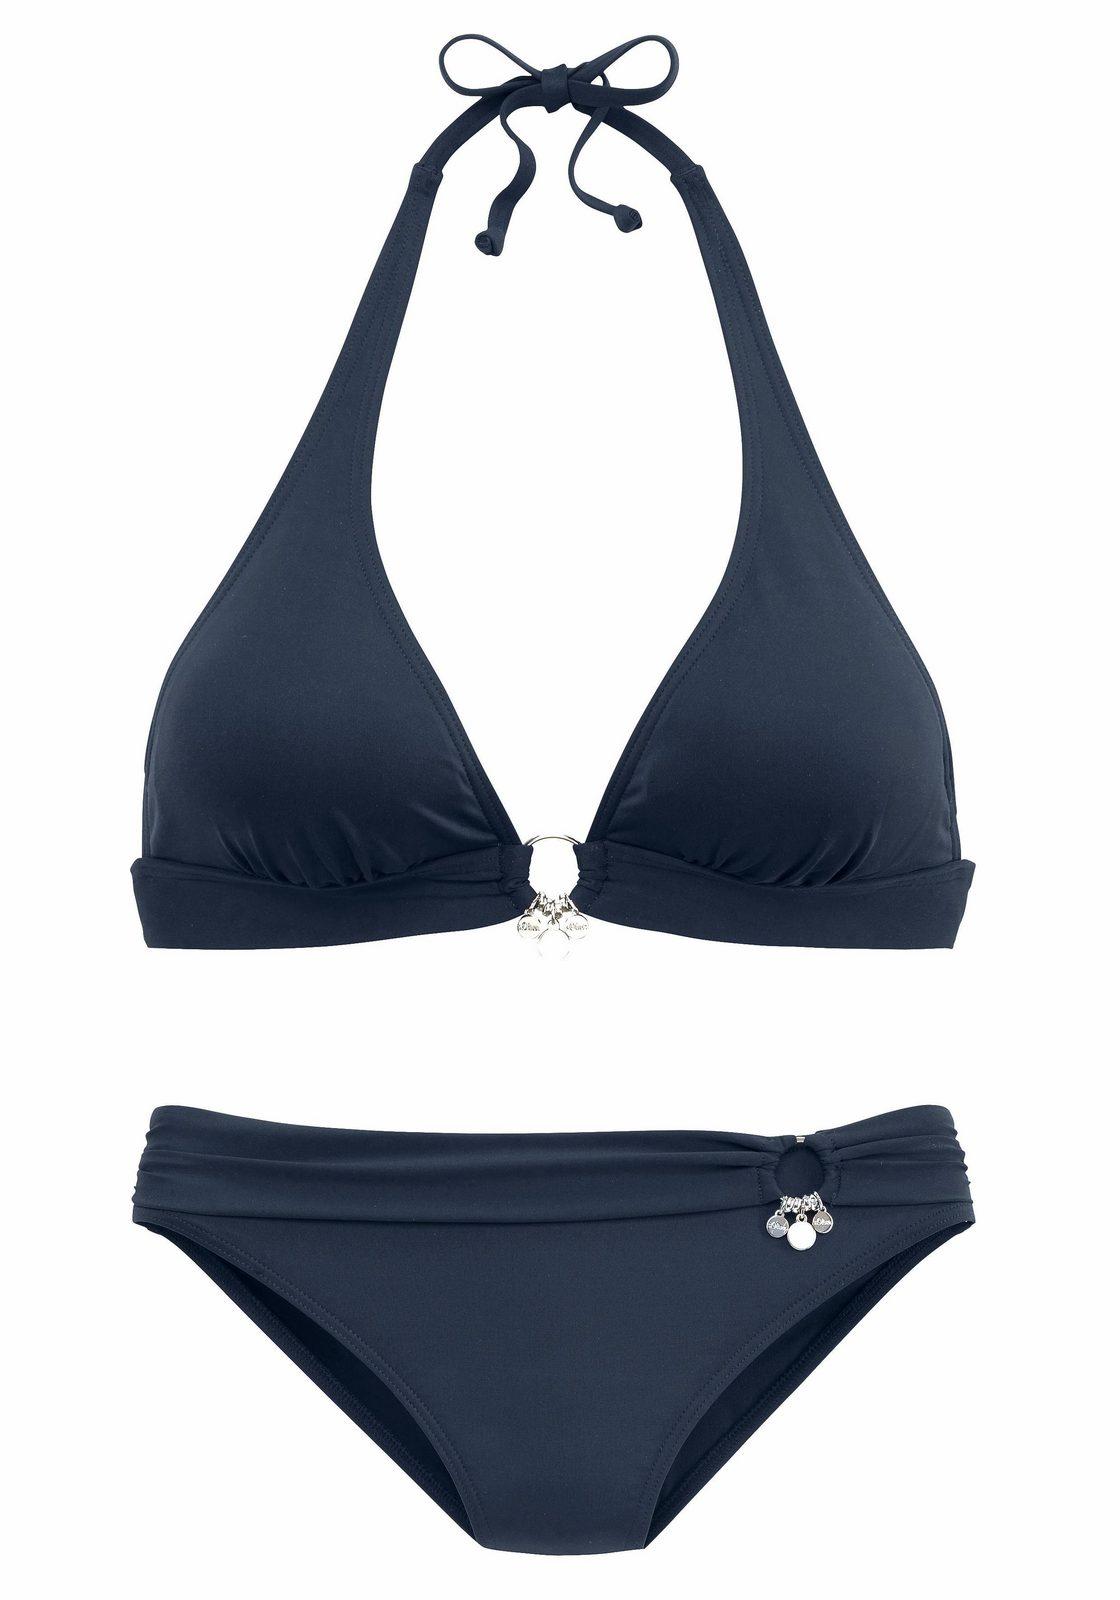 s.Oliver RED LABEL Beachwear Triangel-Bikini mit Accessoires jetztbilligerkaufen